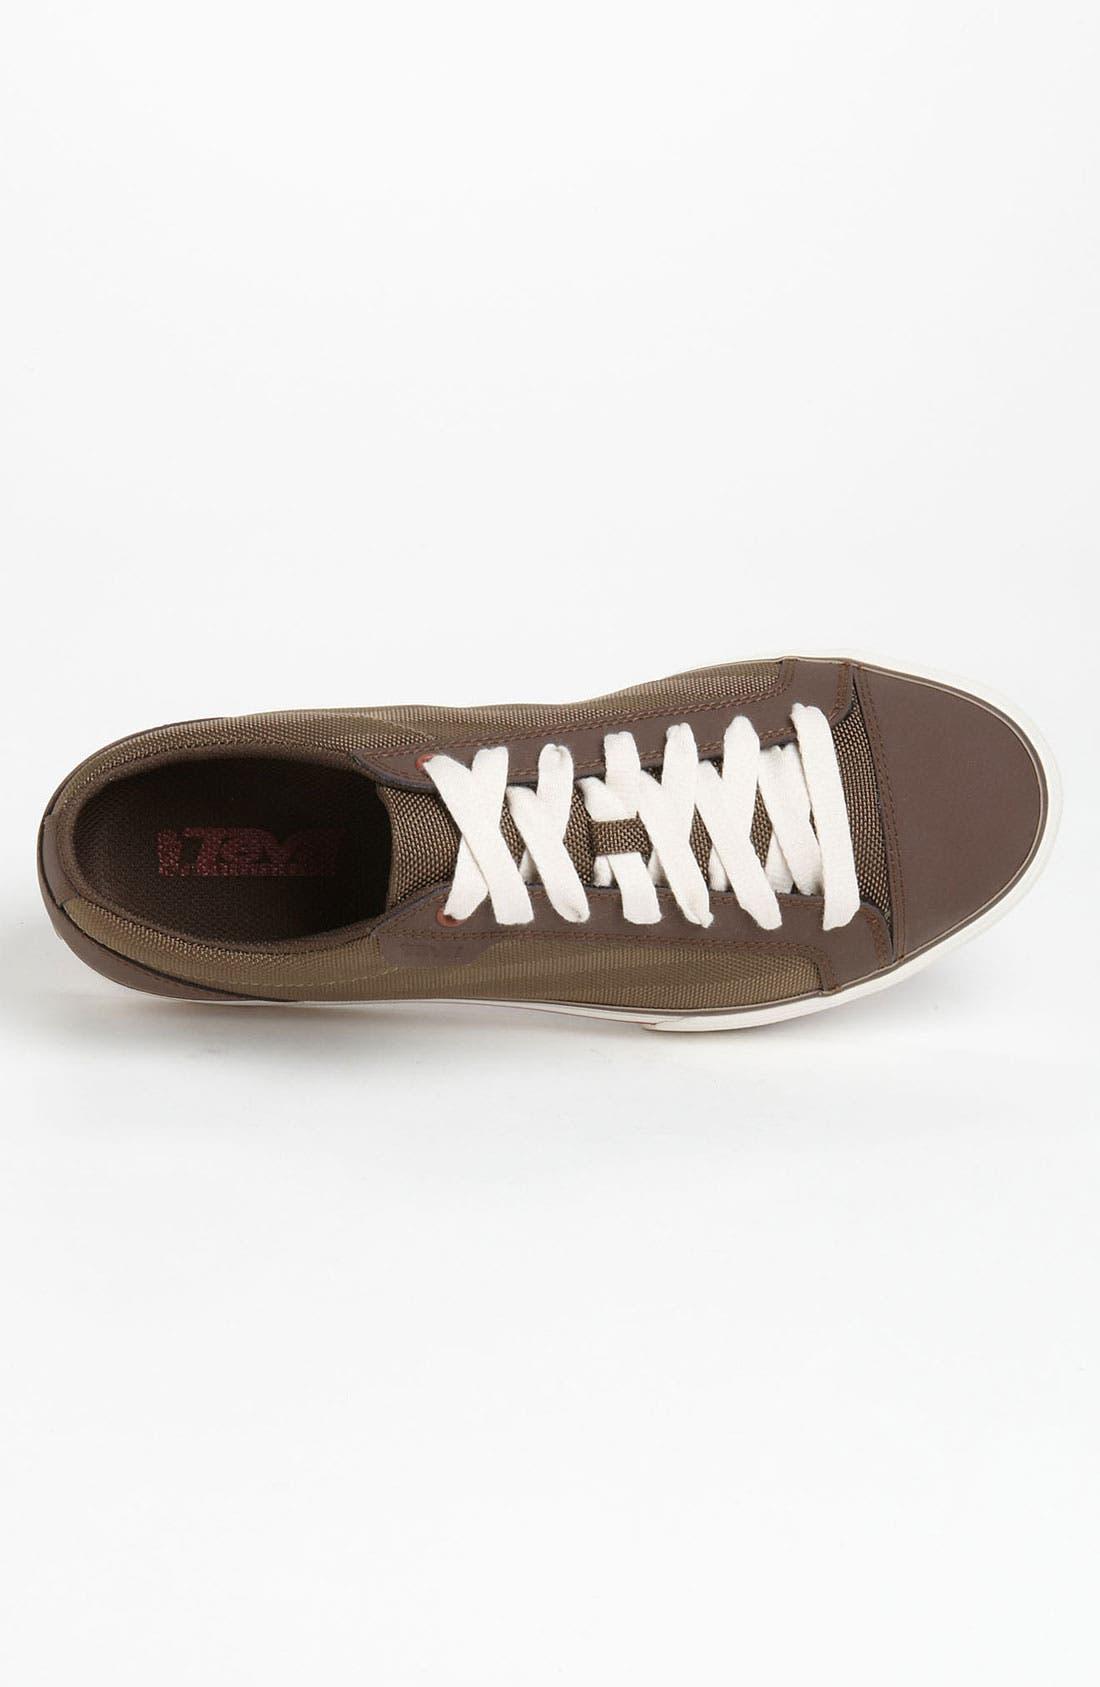 Alternate Image 3  - Teva 'Roller Mesh' Sneaker